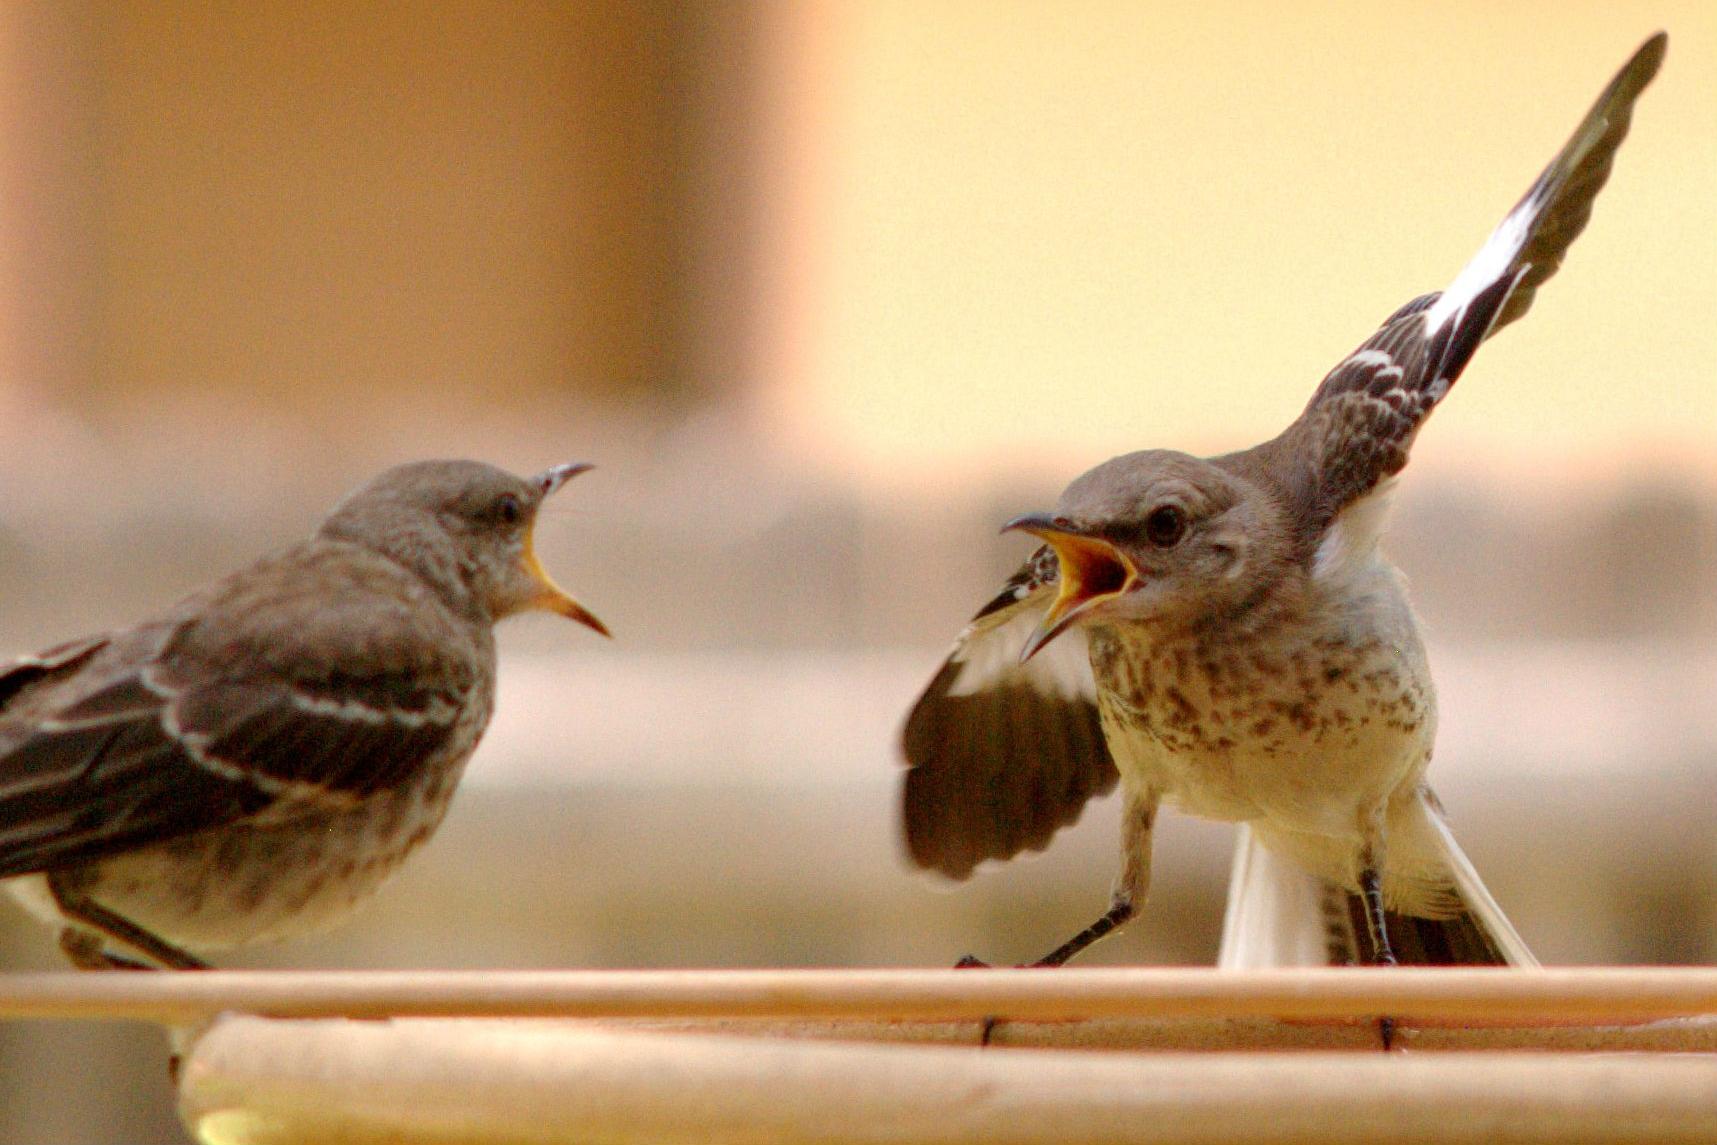 bird-argument.jpg